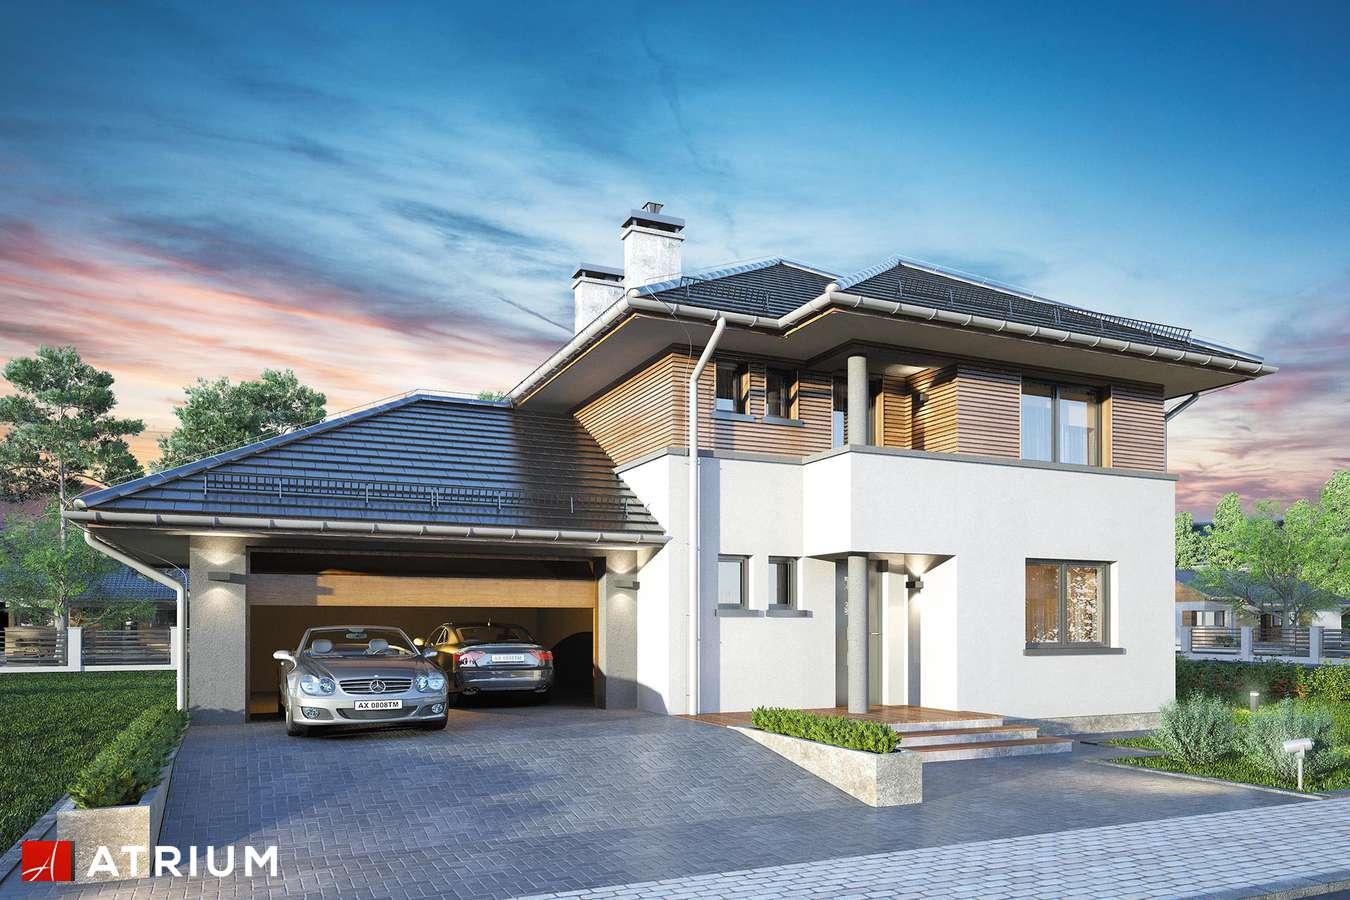 Projekty domów - Projekt domu piętrowego FIGARO - wizualizacja 1 - wersja lustrzana